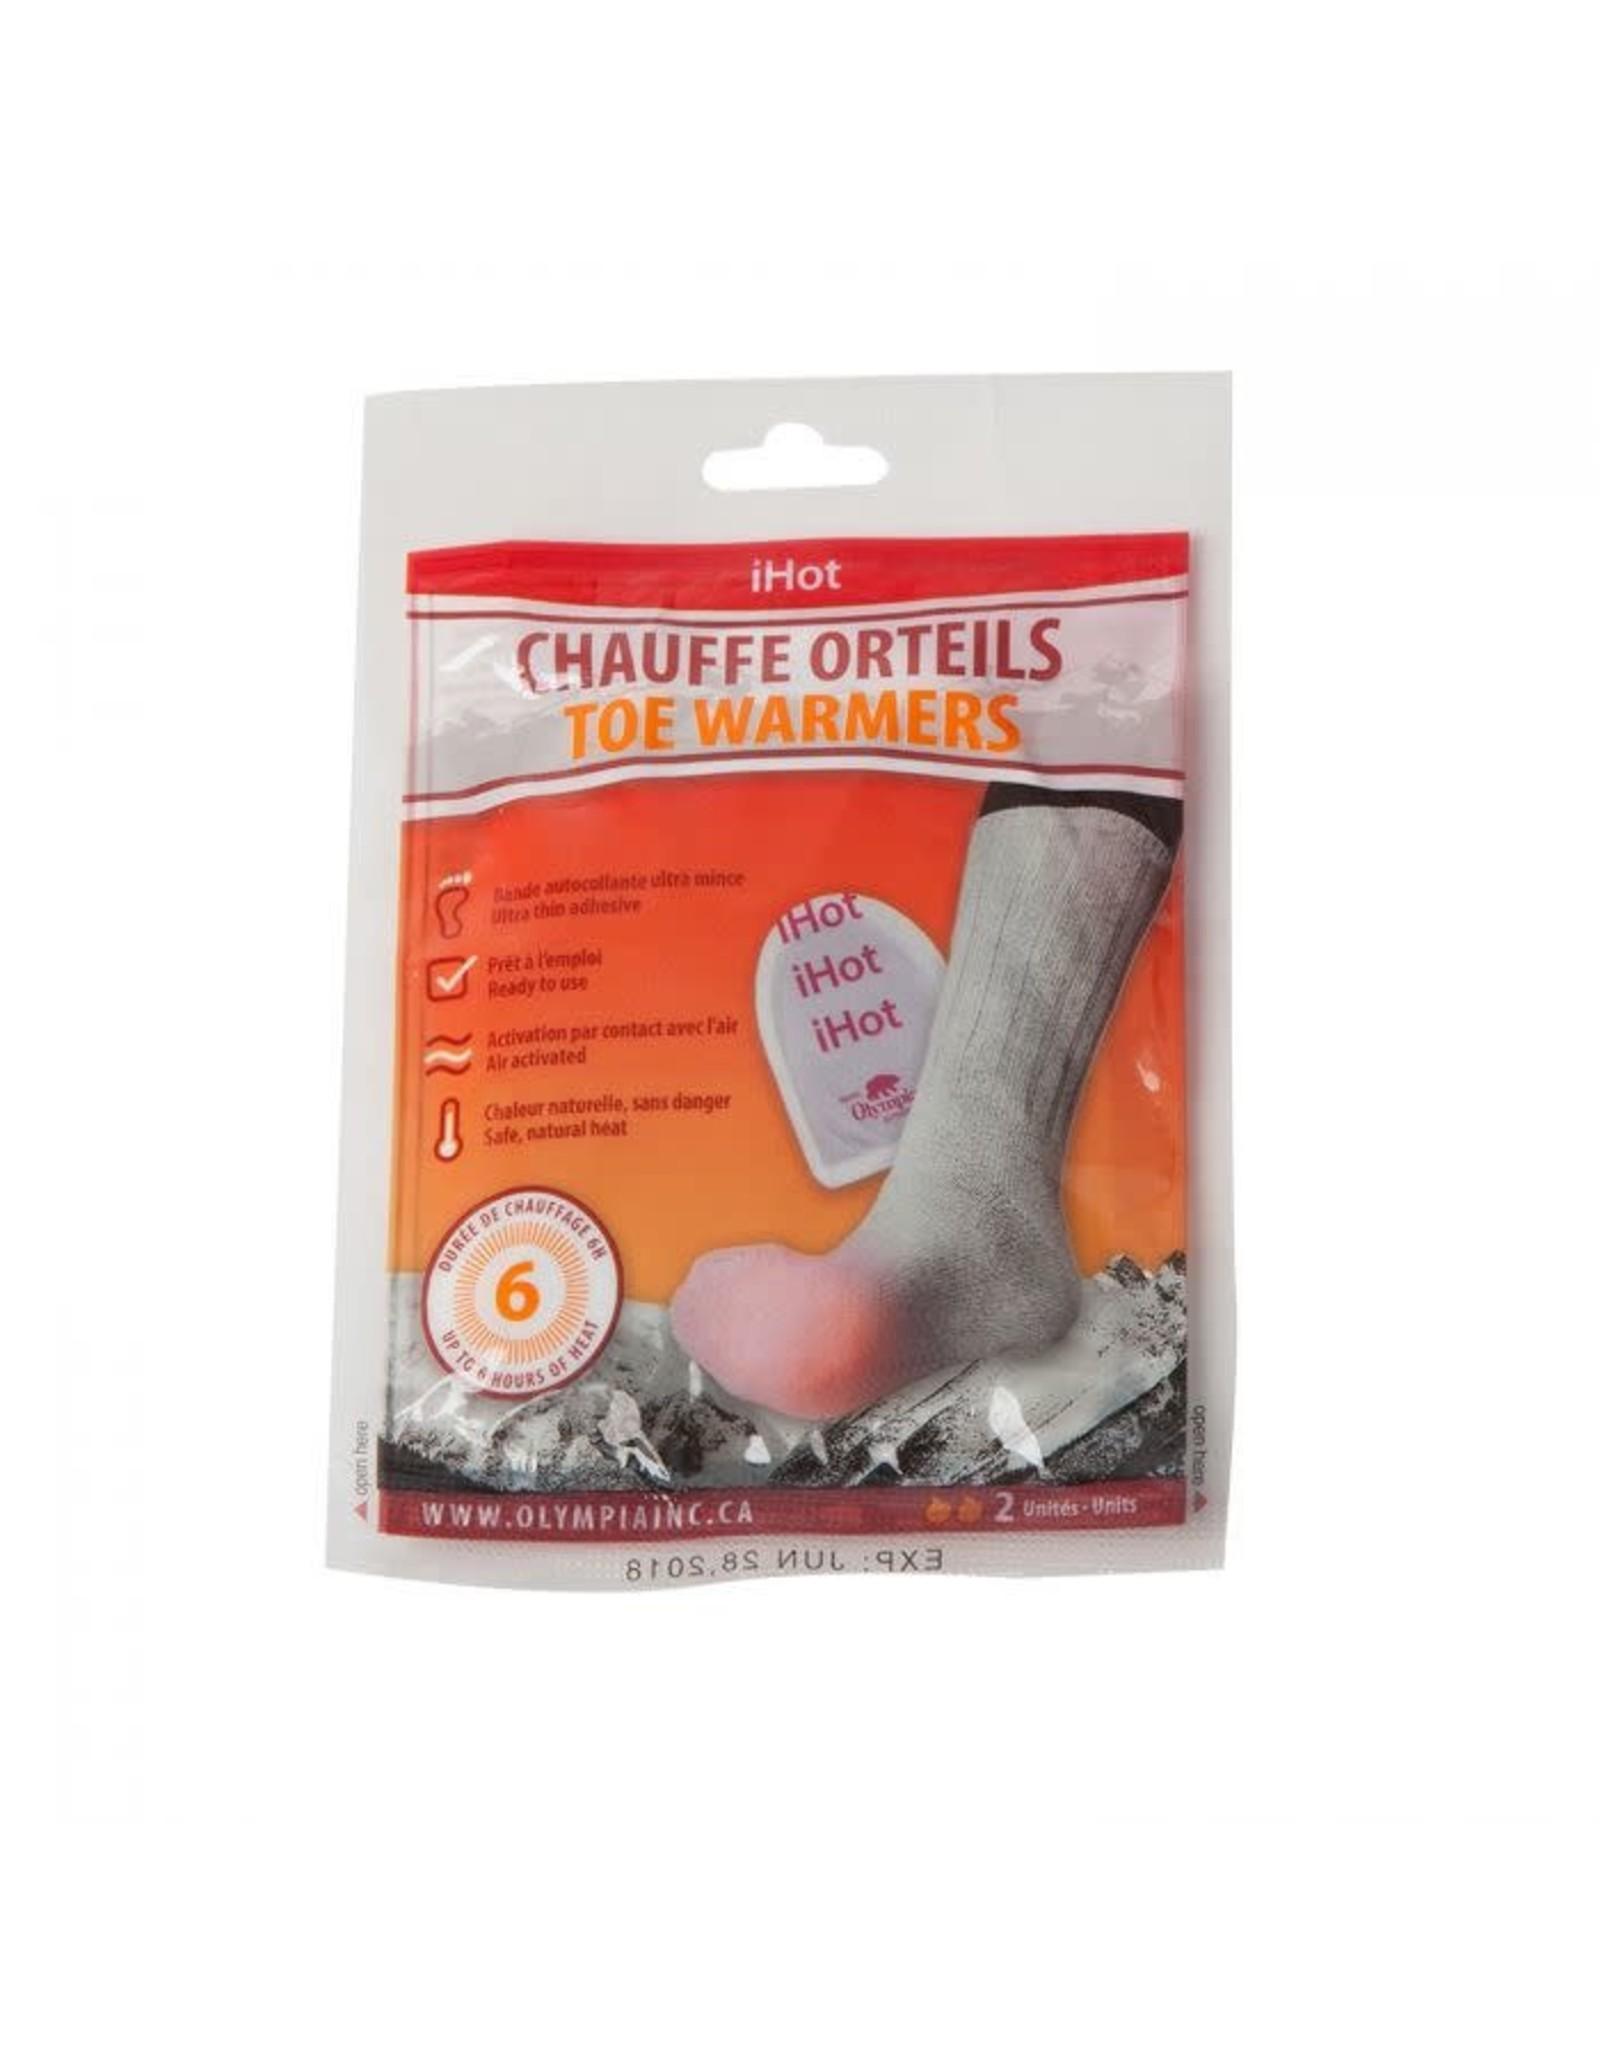 IHOT-CHAUFFE ORTEILS